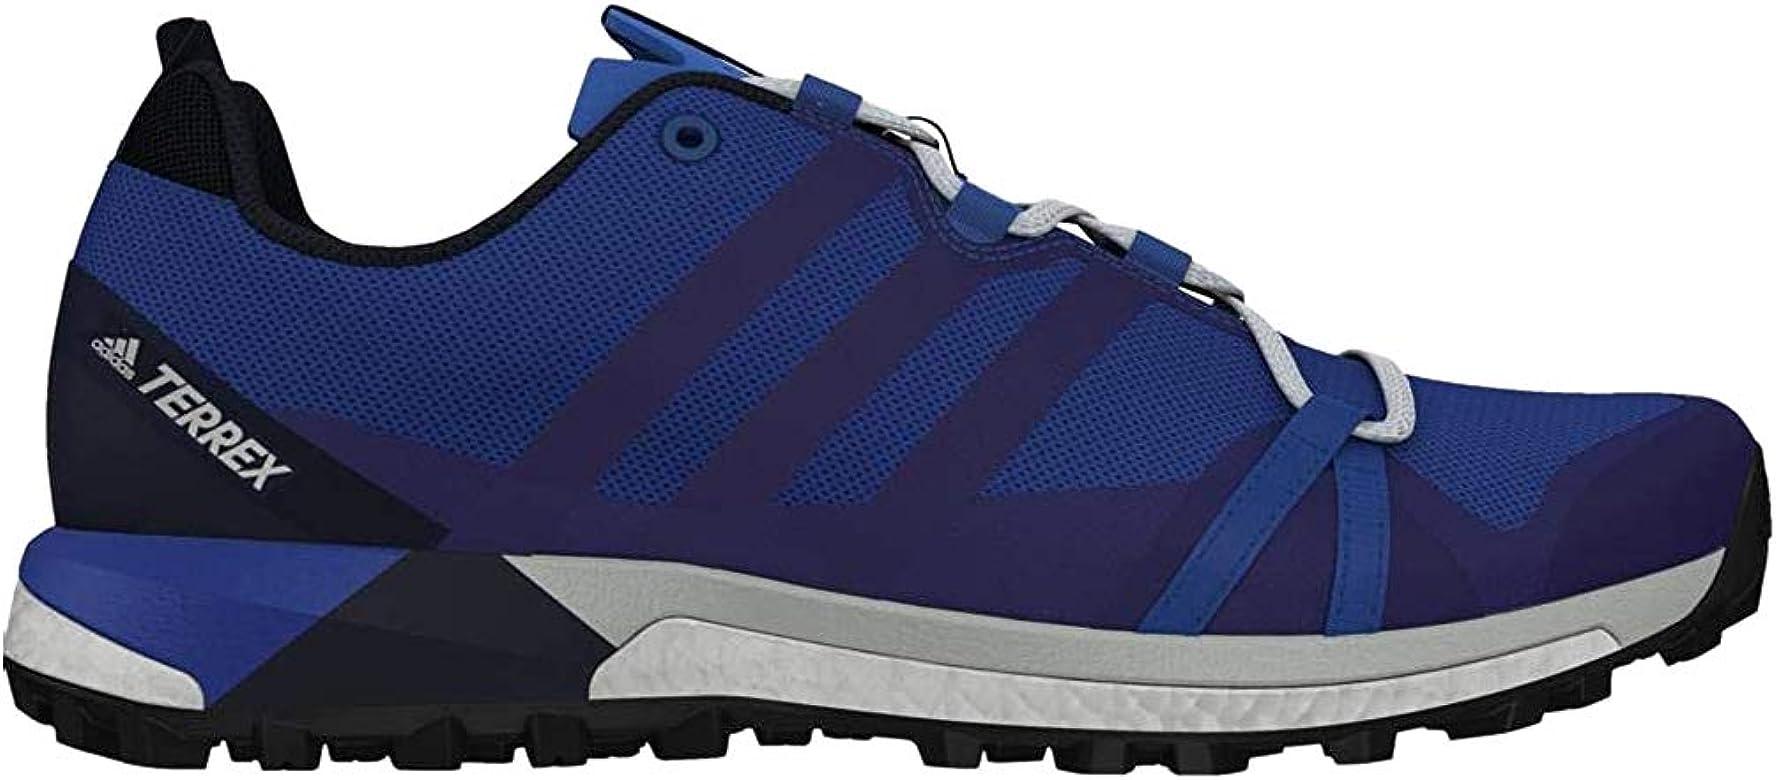 Adidas Terrex Agravic, Zapatillas de Trail Running para Hombre, Azul (Maruni/Belazu/Gridos 000), 41 1/3 EU: Amazon.es: Zapatos y complementos